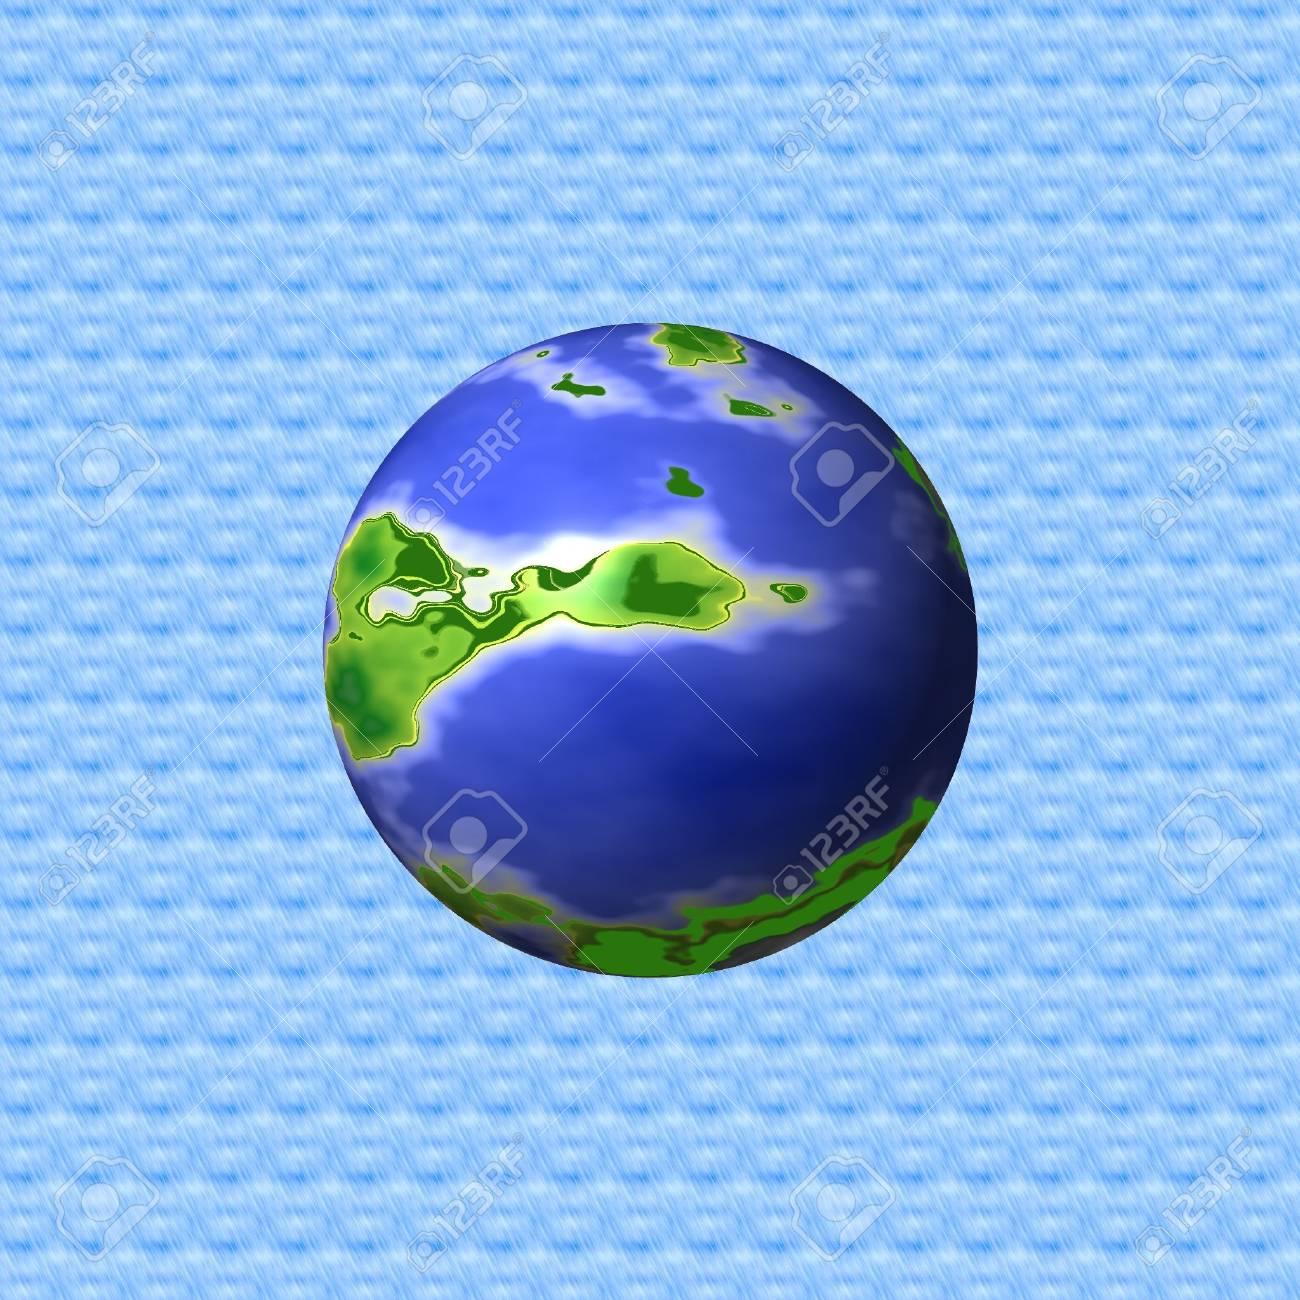 La Planète Terre Pour Arrière Plan Ou Un Dessin Abstrait